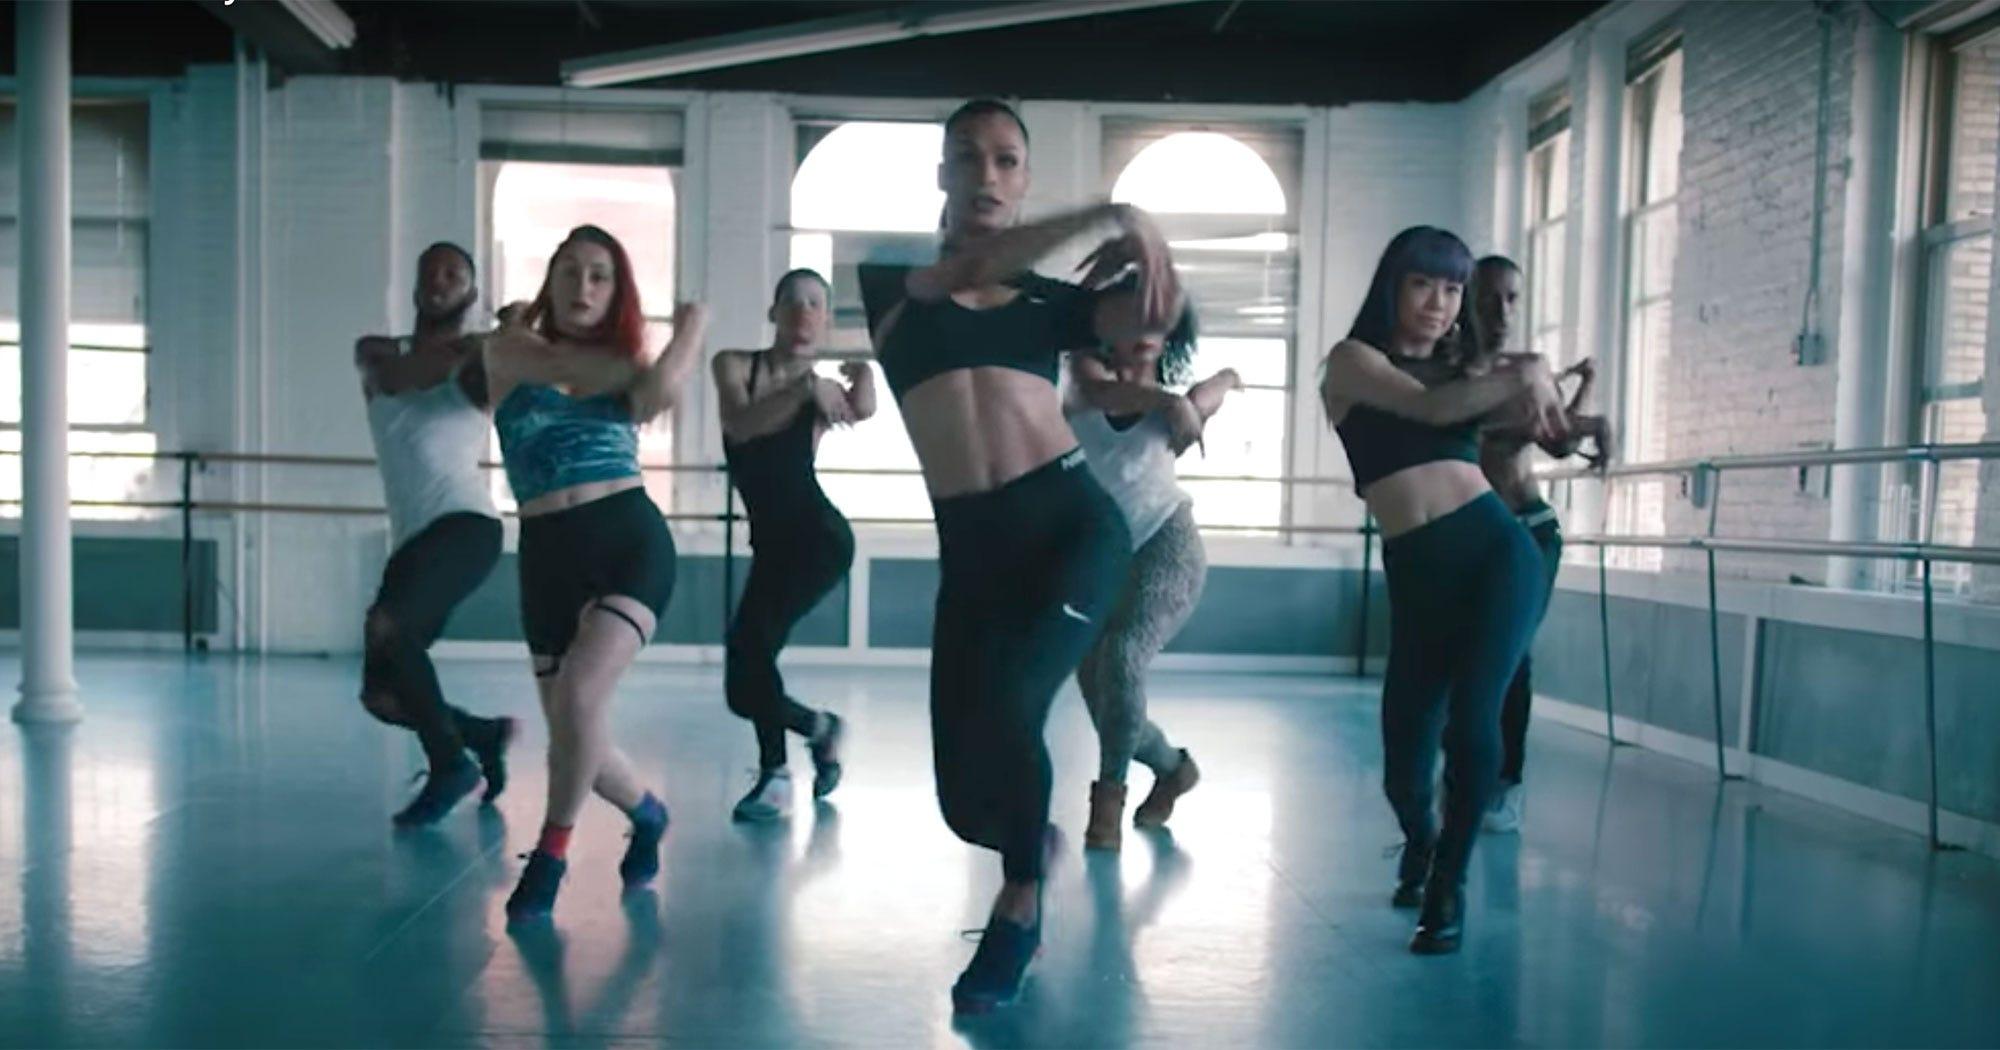 Nike Voguing Ad Transgender Dance Movement